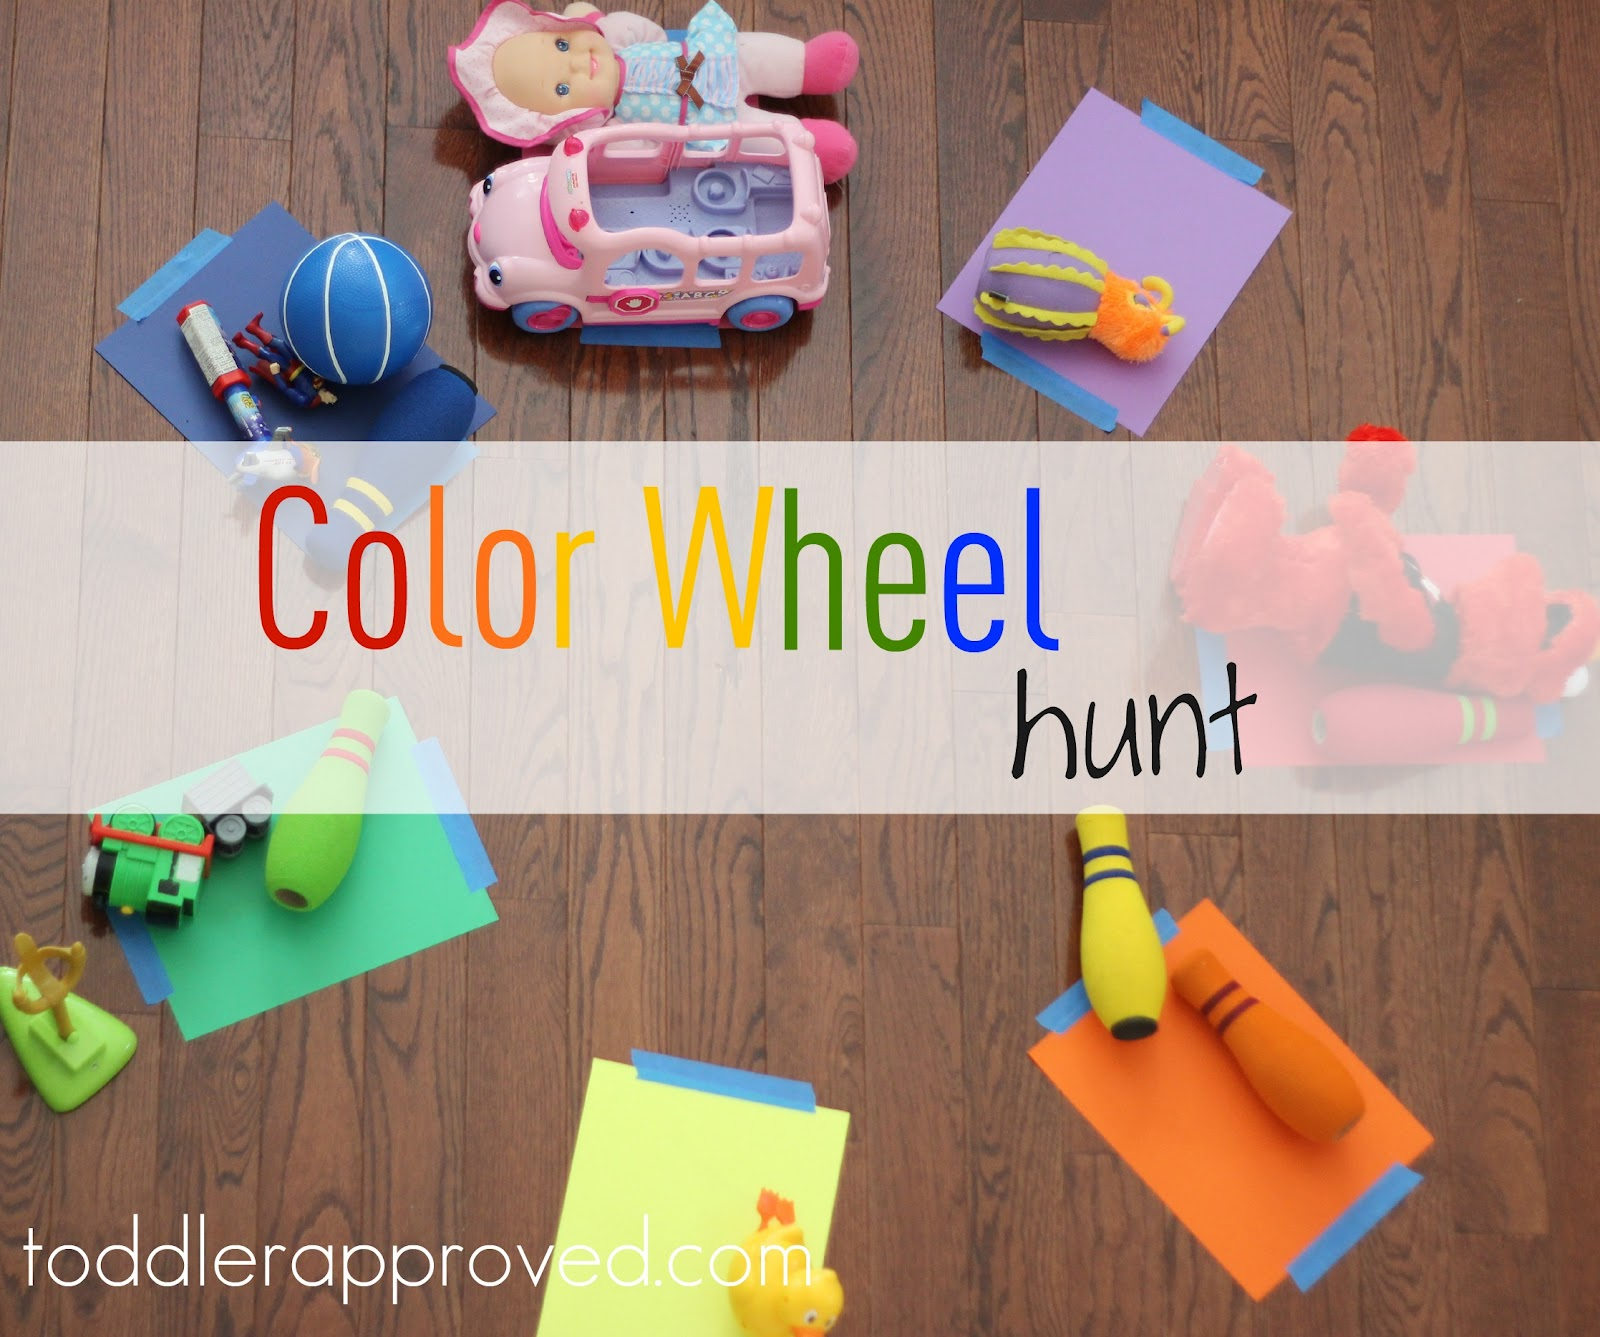 color wheel hunt - Colour Activities For Preschoolers